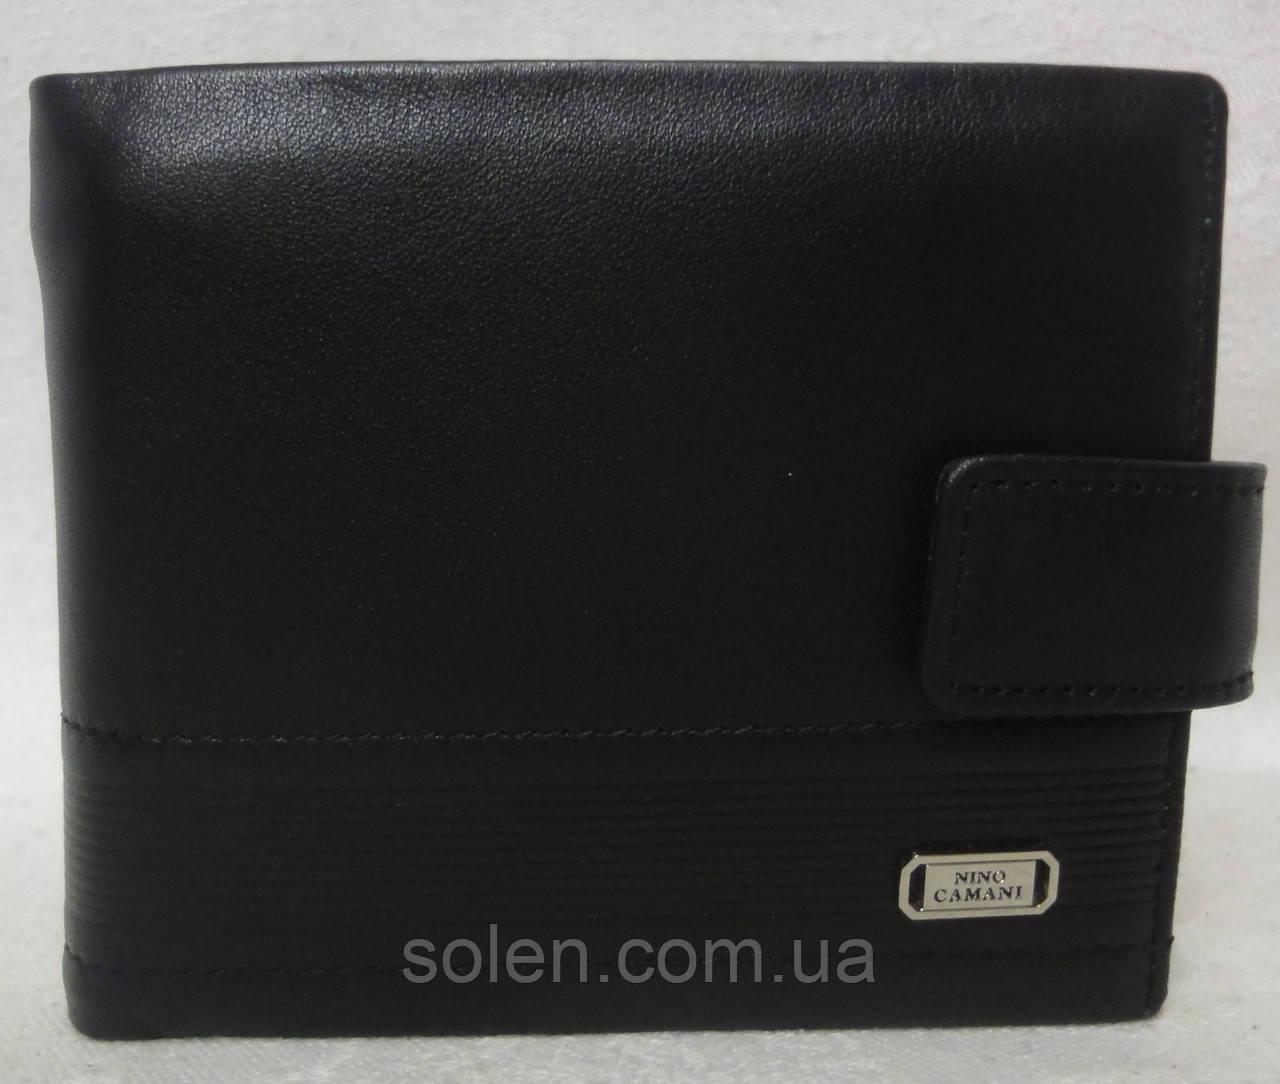 Мужской кошелёк (портмоне) - Интернет-магазин сумок Solen в Харькове